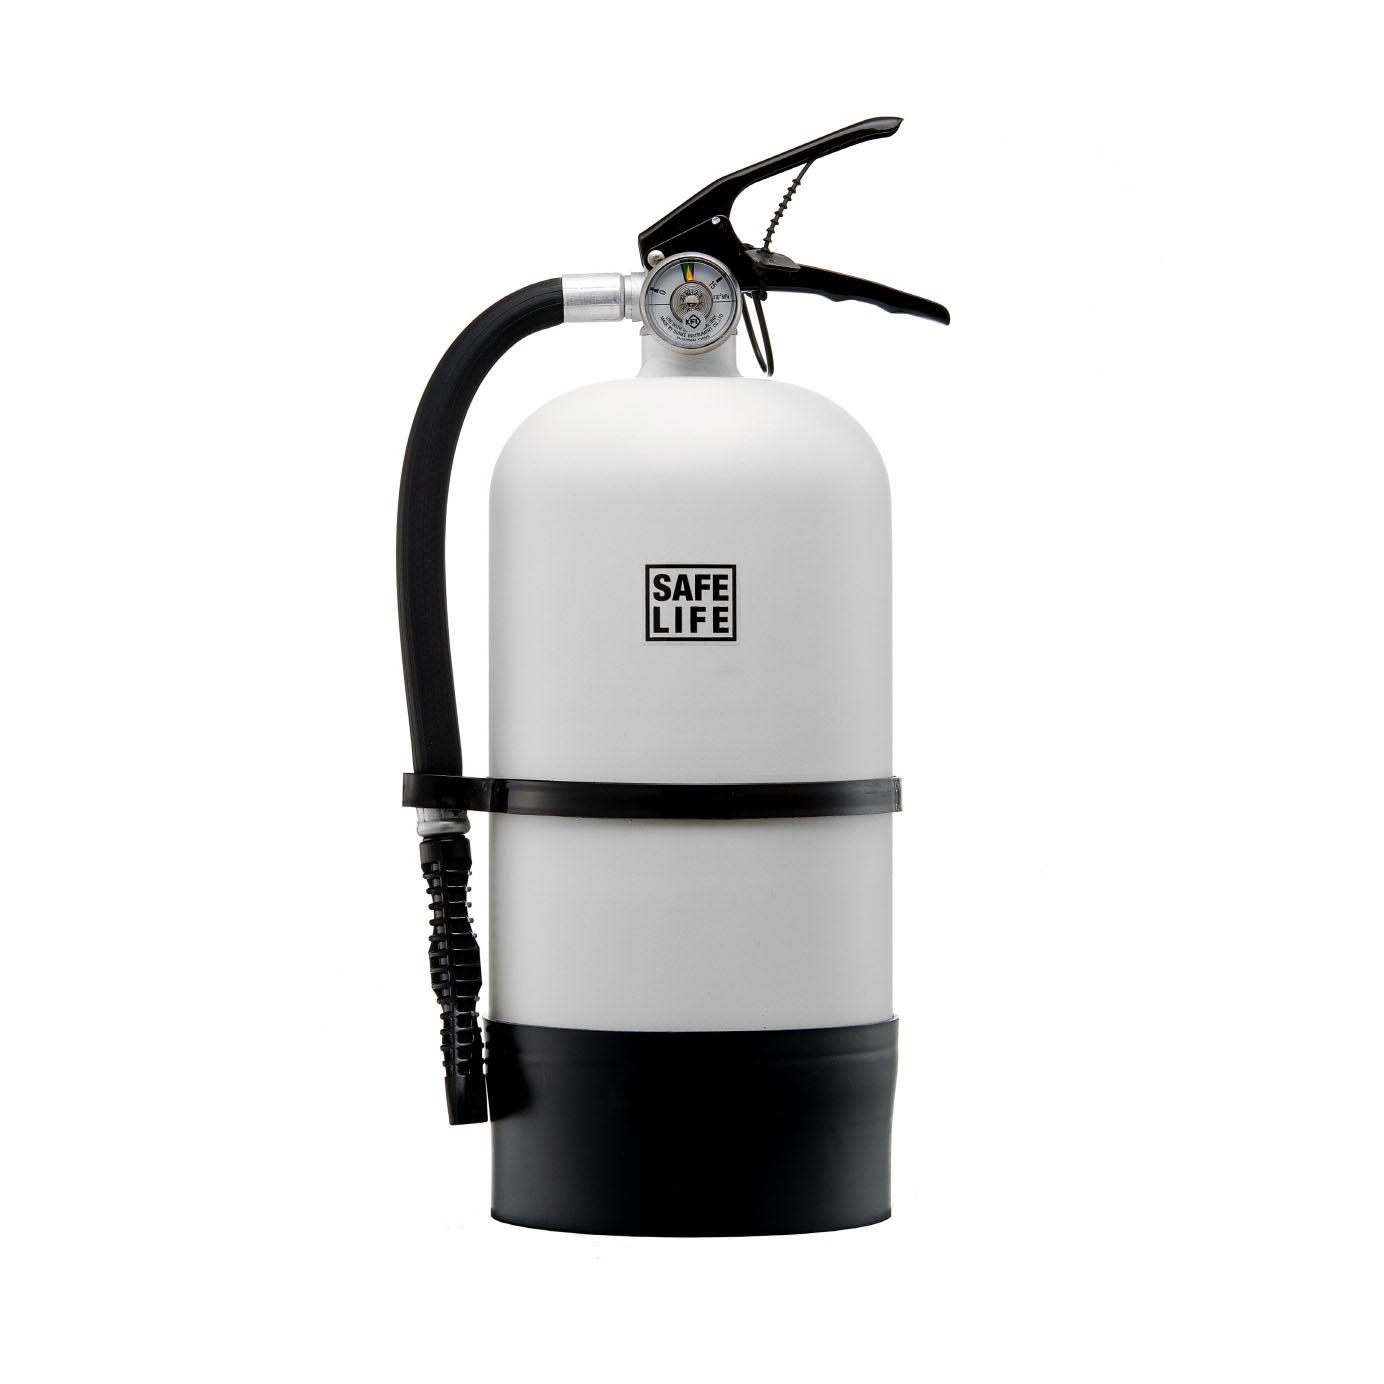 [가정용소화기] 세이프라이프 분말 소화기 화이트 3.3kg Z33, 1개 - 랭킹3위 (26800원)